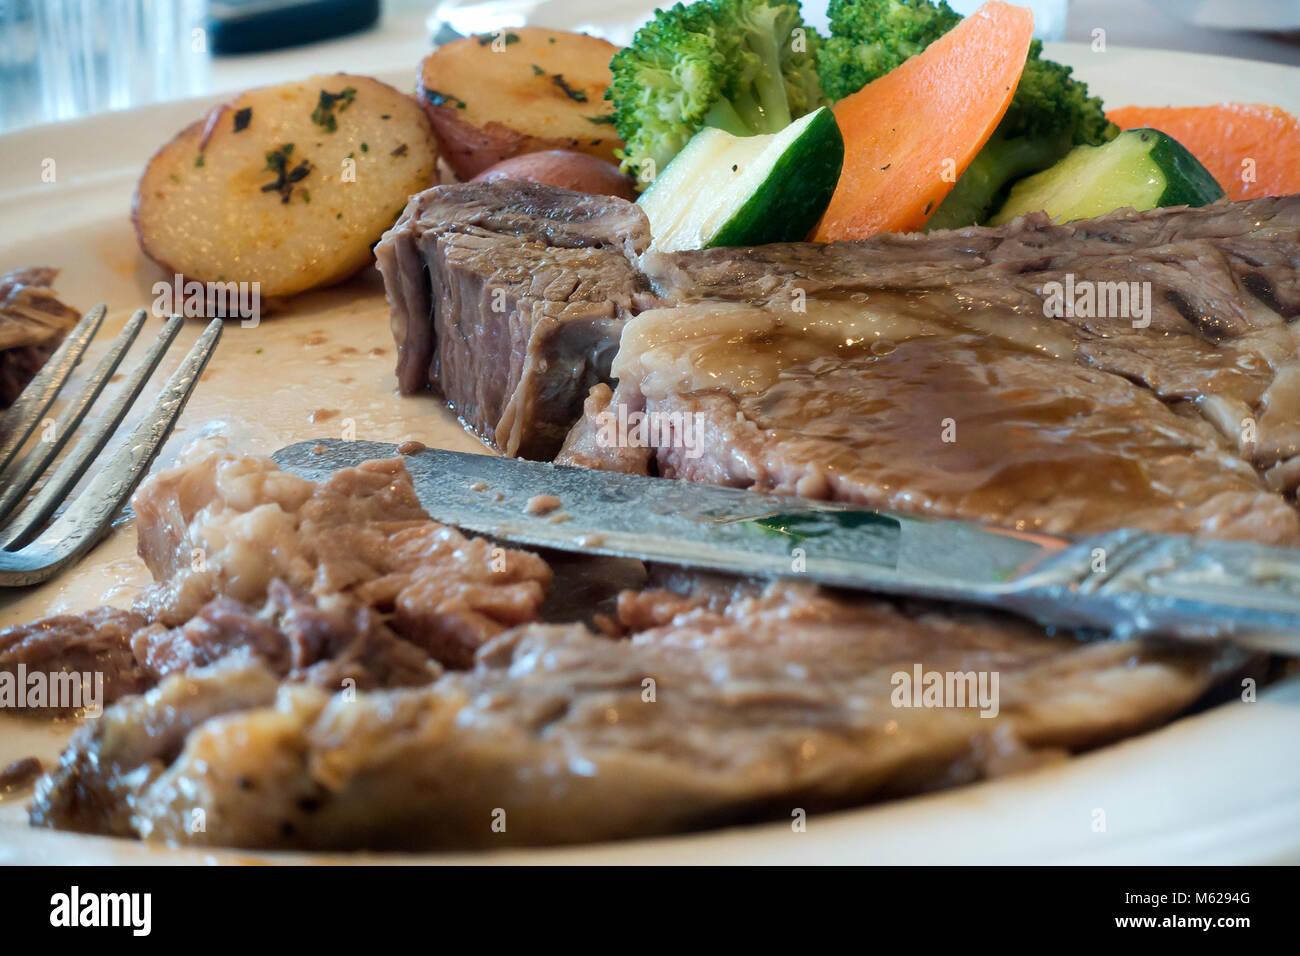 La mitad comido prime rib steak en placa - EE.UU. Imagen De Stock